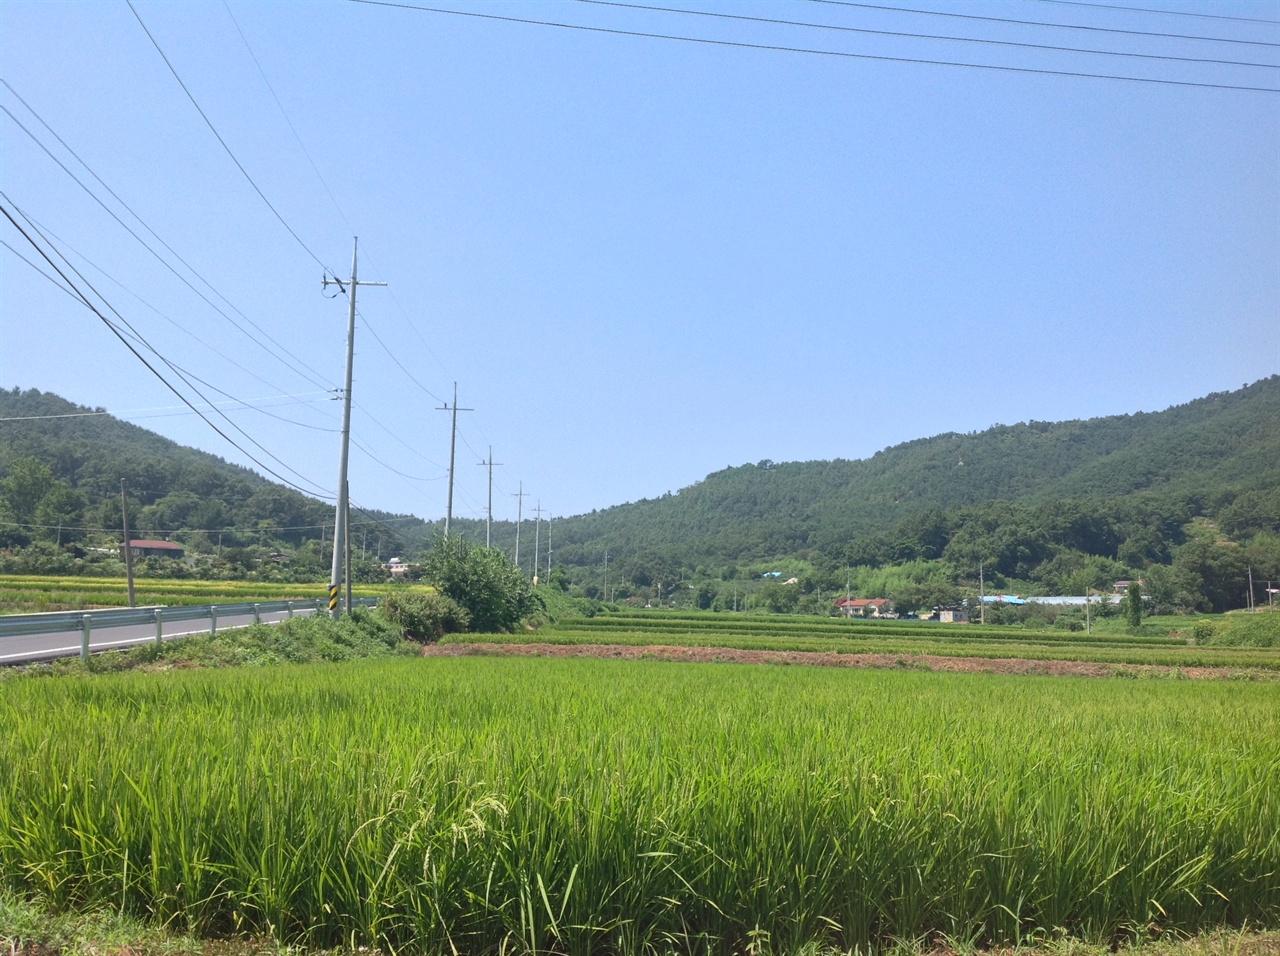 보령시 두룡마을 입구 보령시 웅천읍 두룡마을 입구 전경